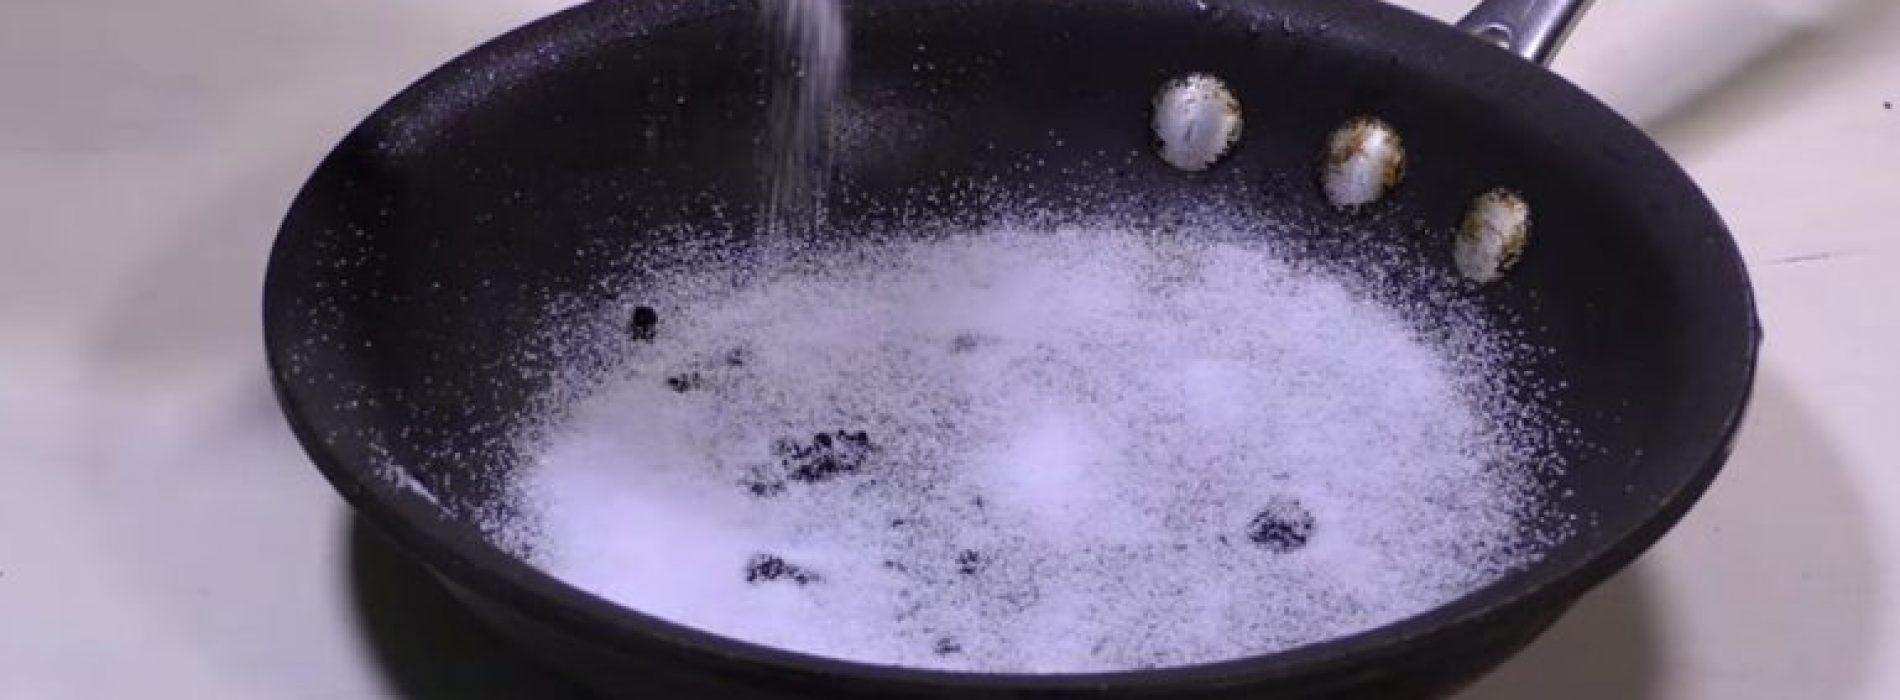 Hij giet zout in een grote koekenpan, 1 minuut later? Dit Is Geniaal!